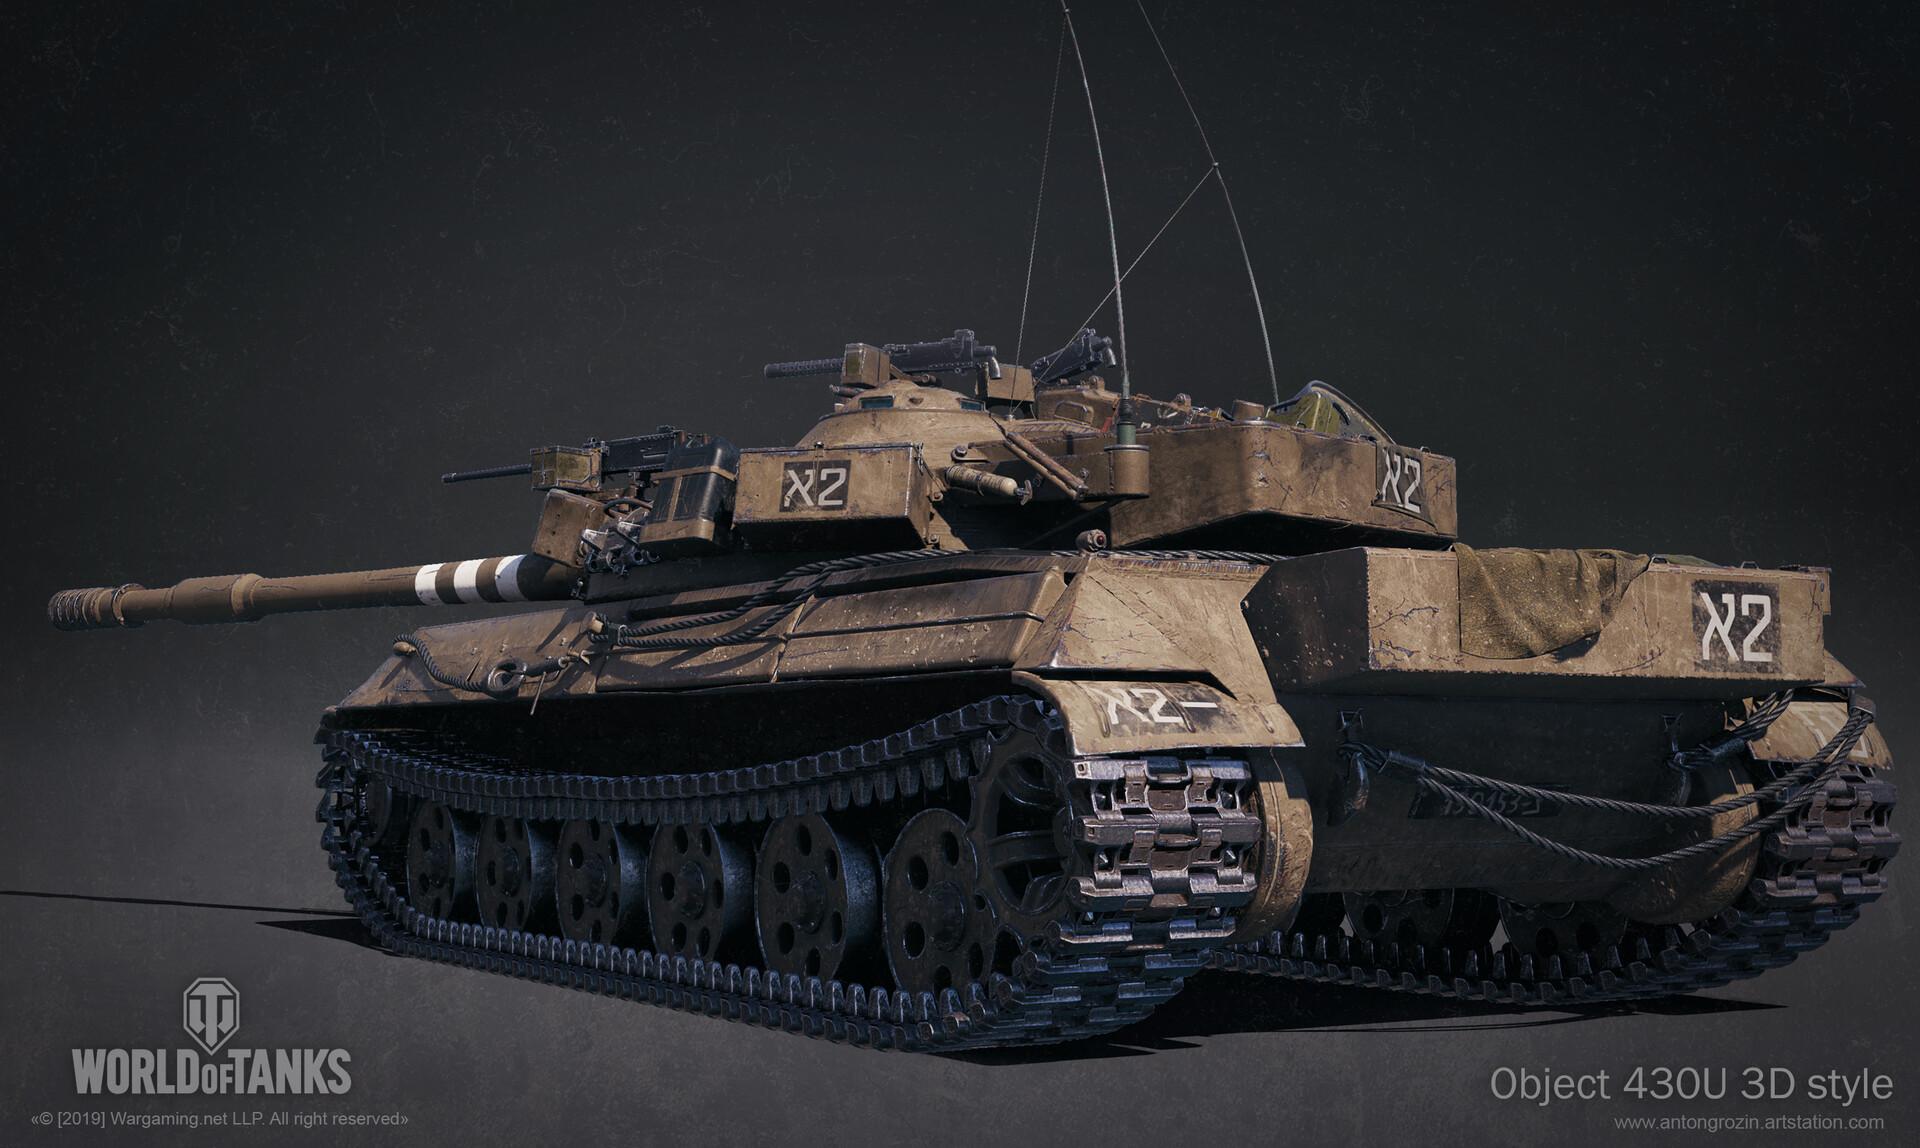 Anton-grozin-object-430u-3d-style-4